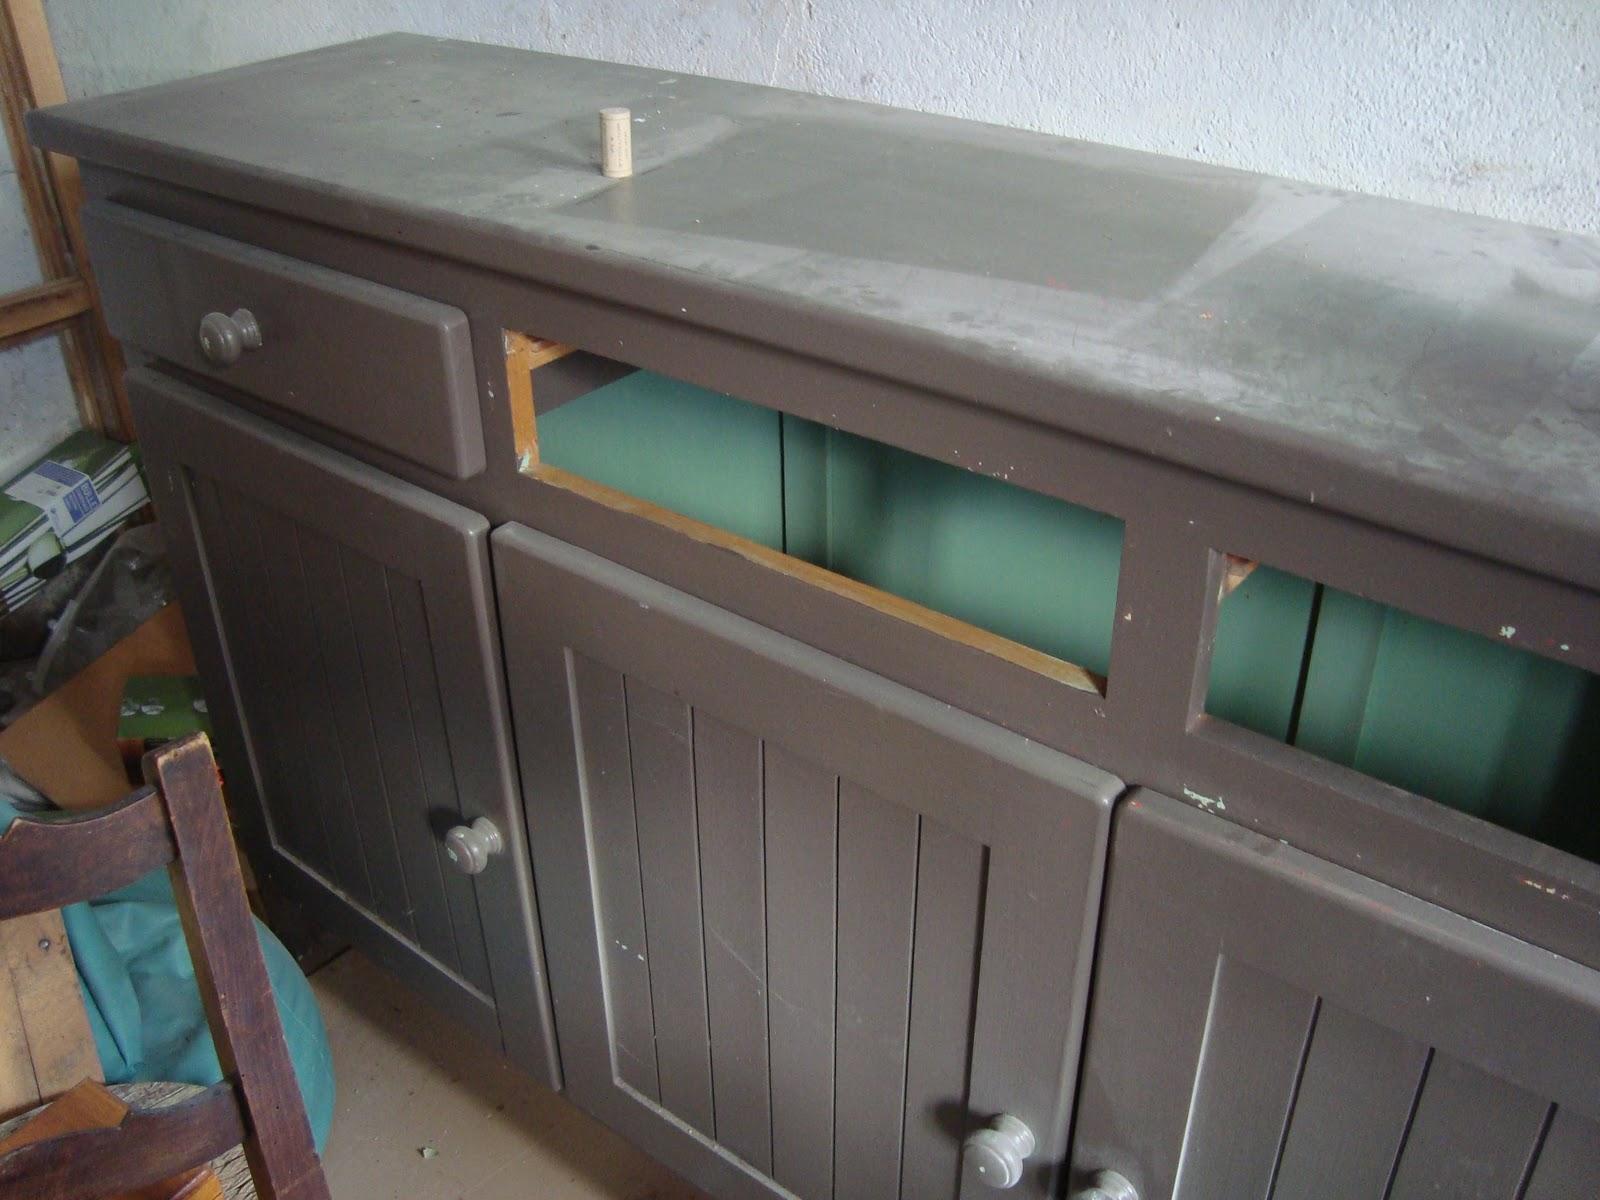 Orties et coquelicots deuxi me vie d 39 un meuble for Teindre un meuble deja teint